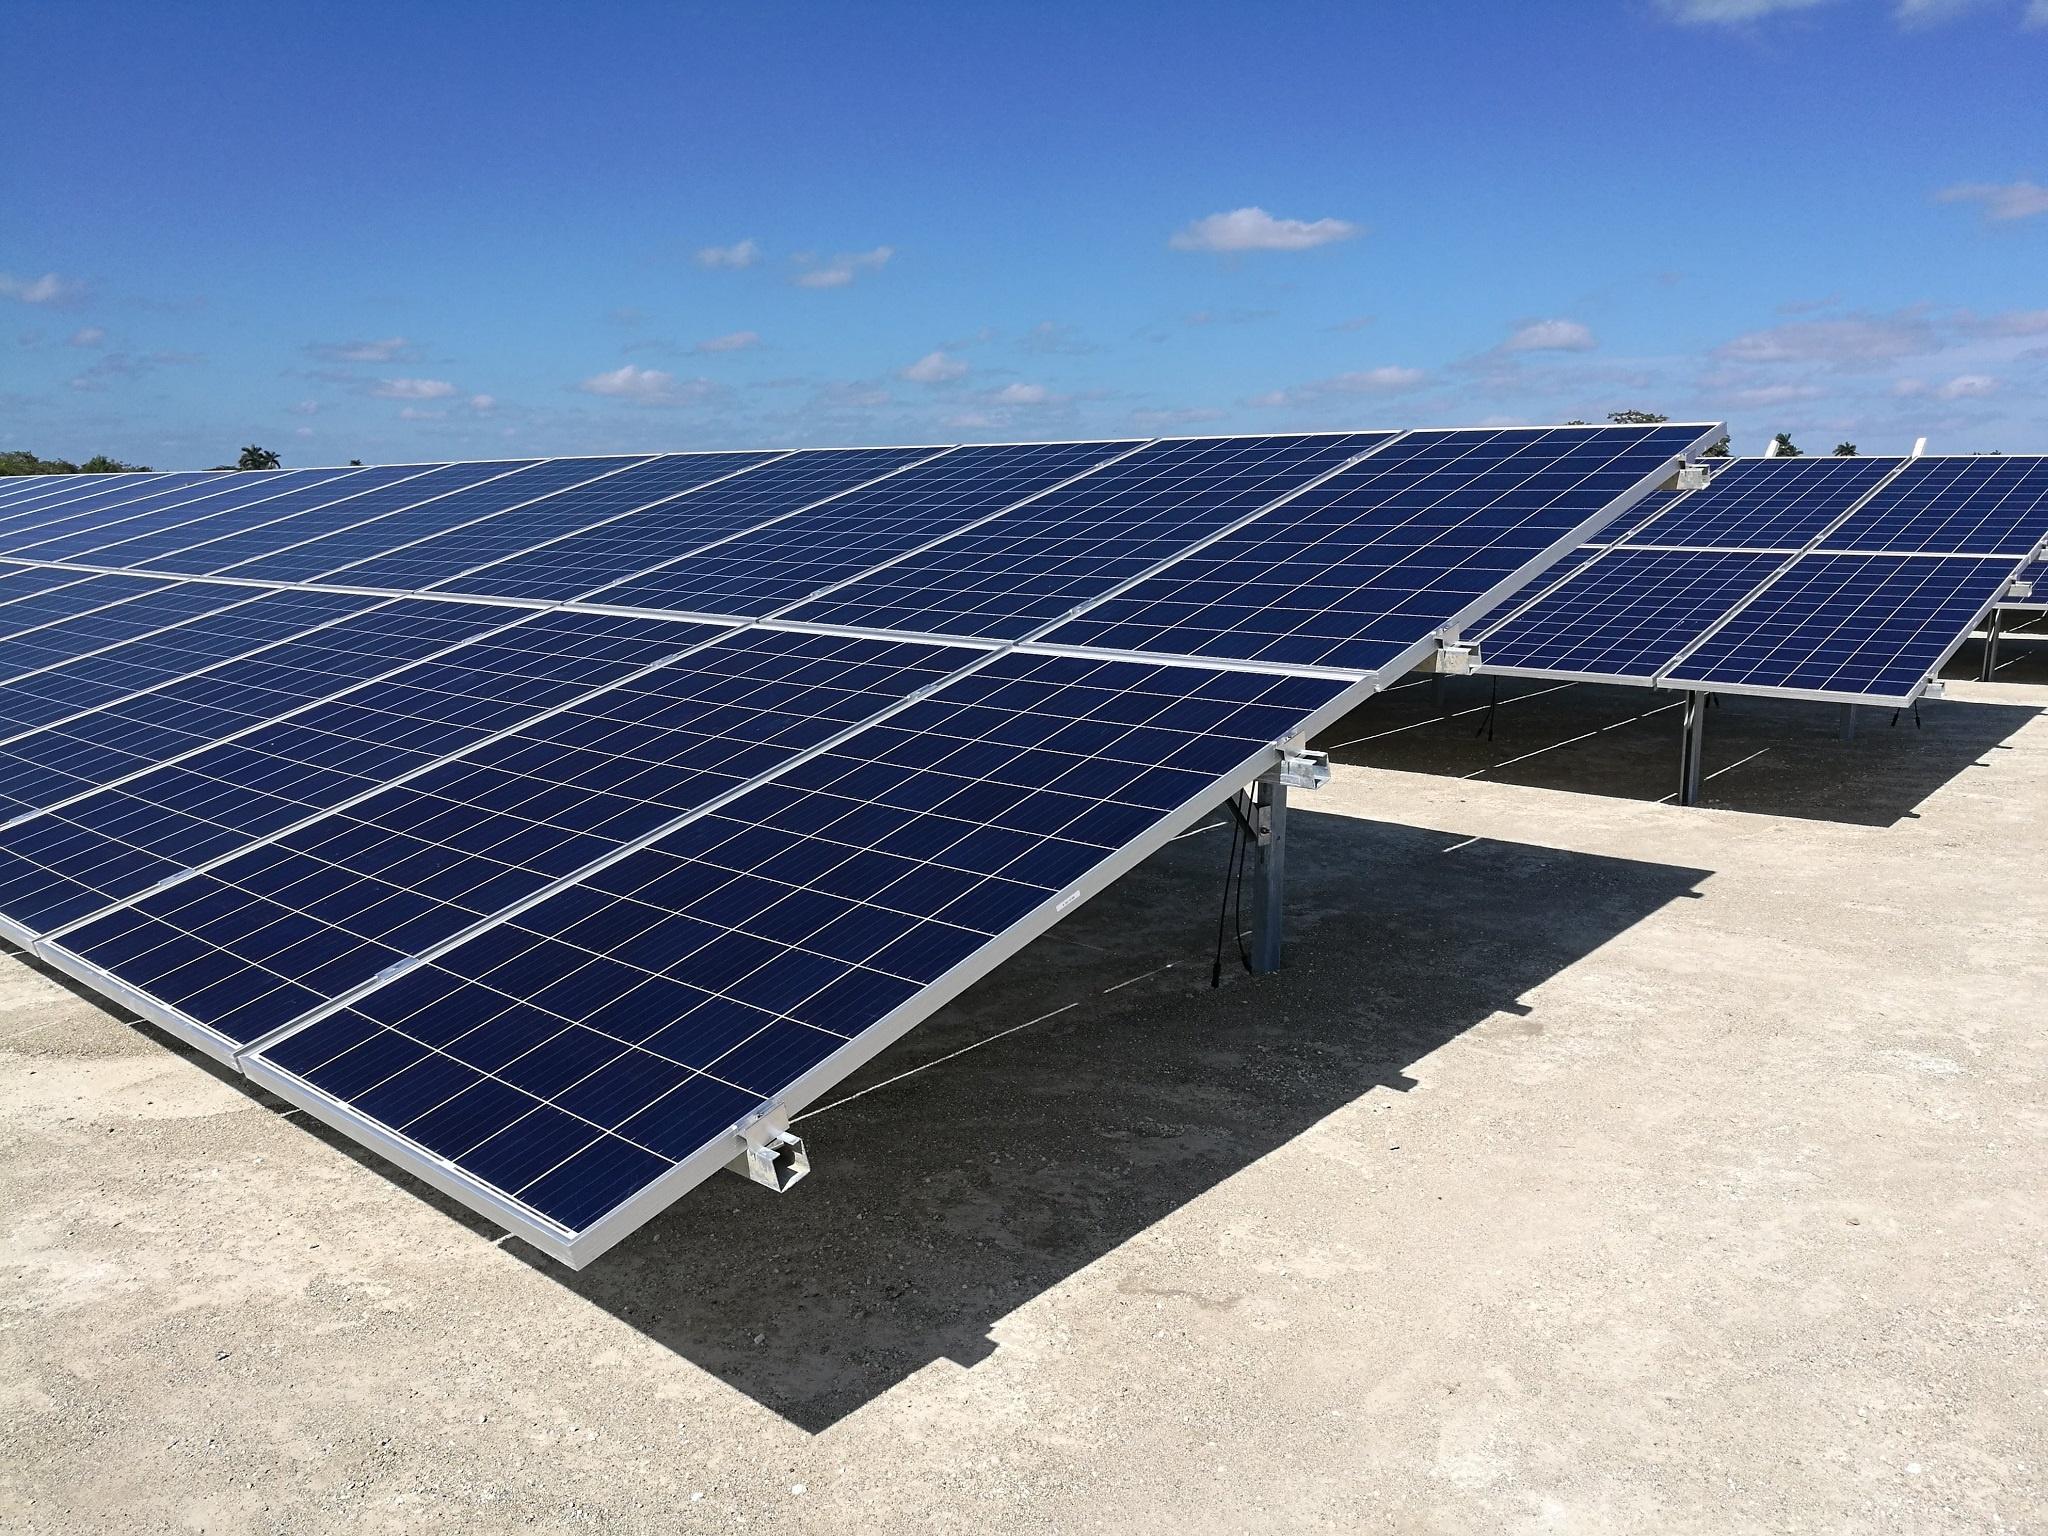 Sistema fotovoltaico en Matanzas, Cuba